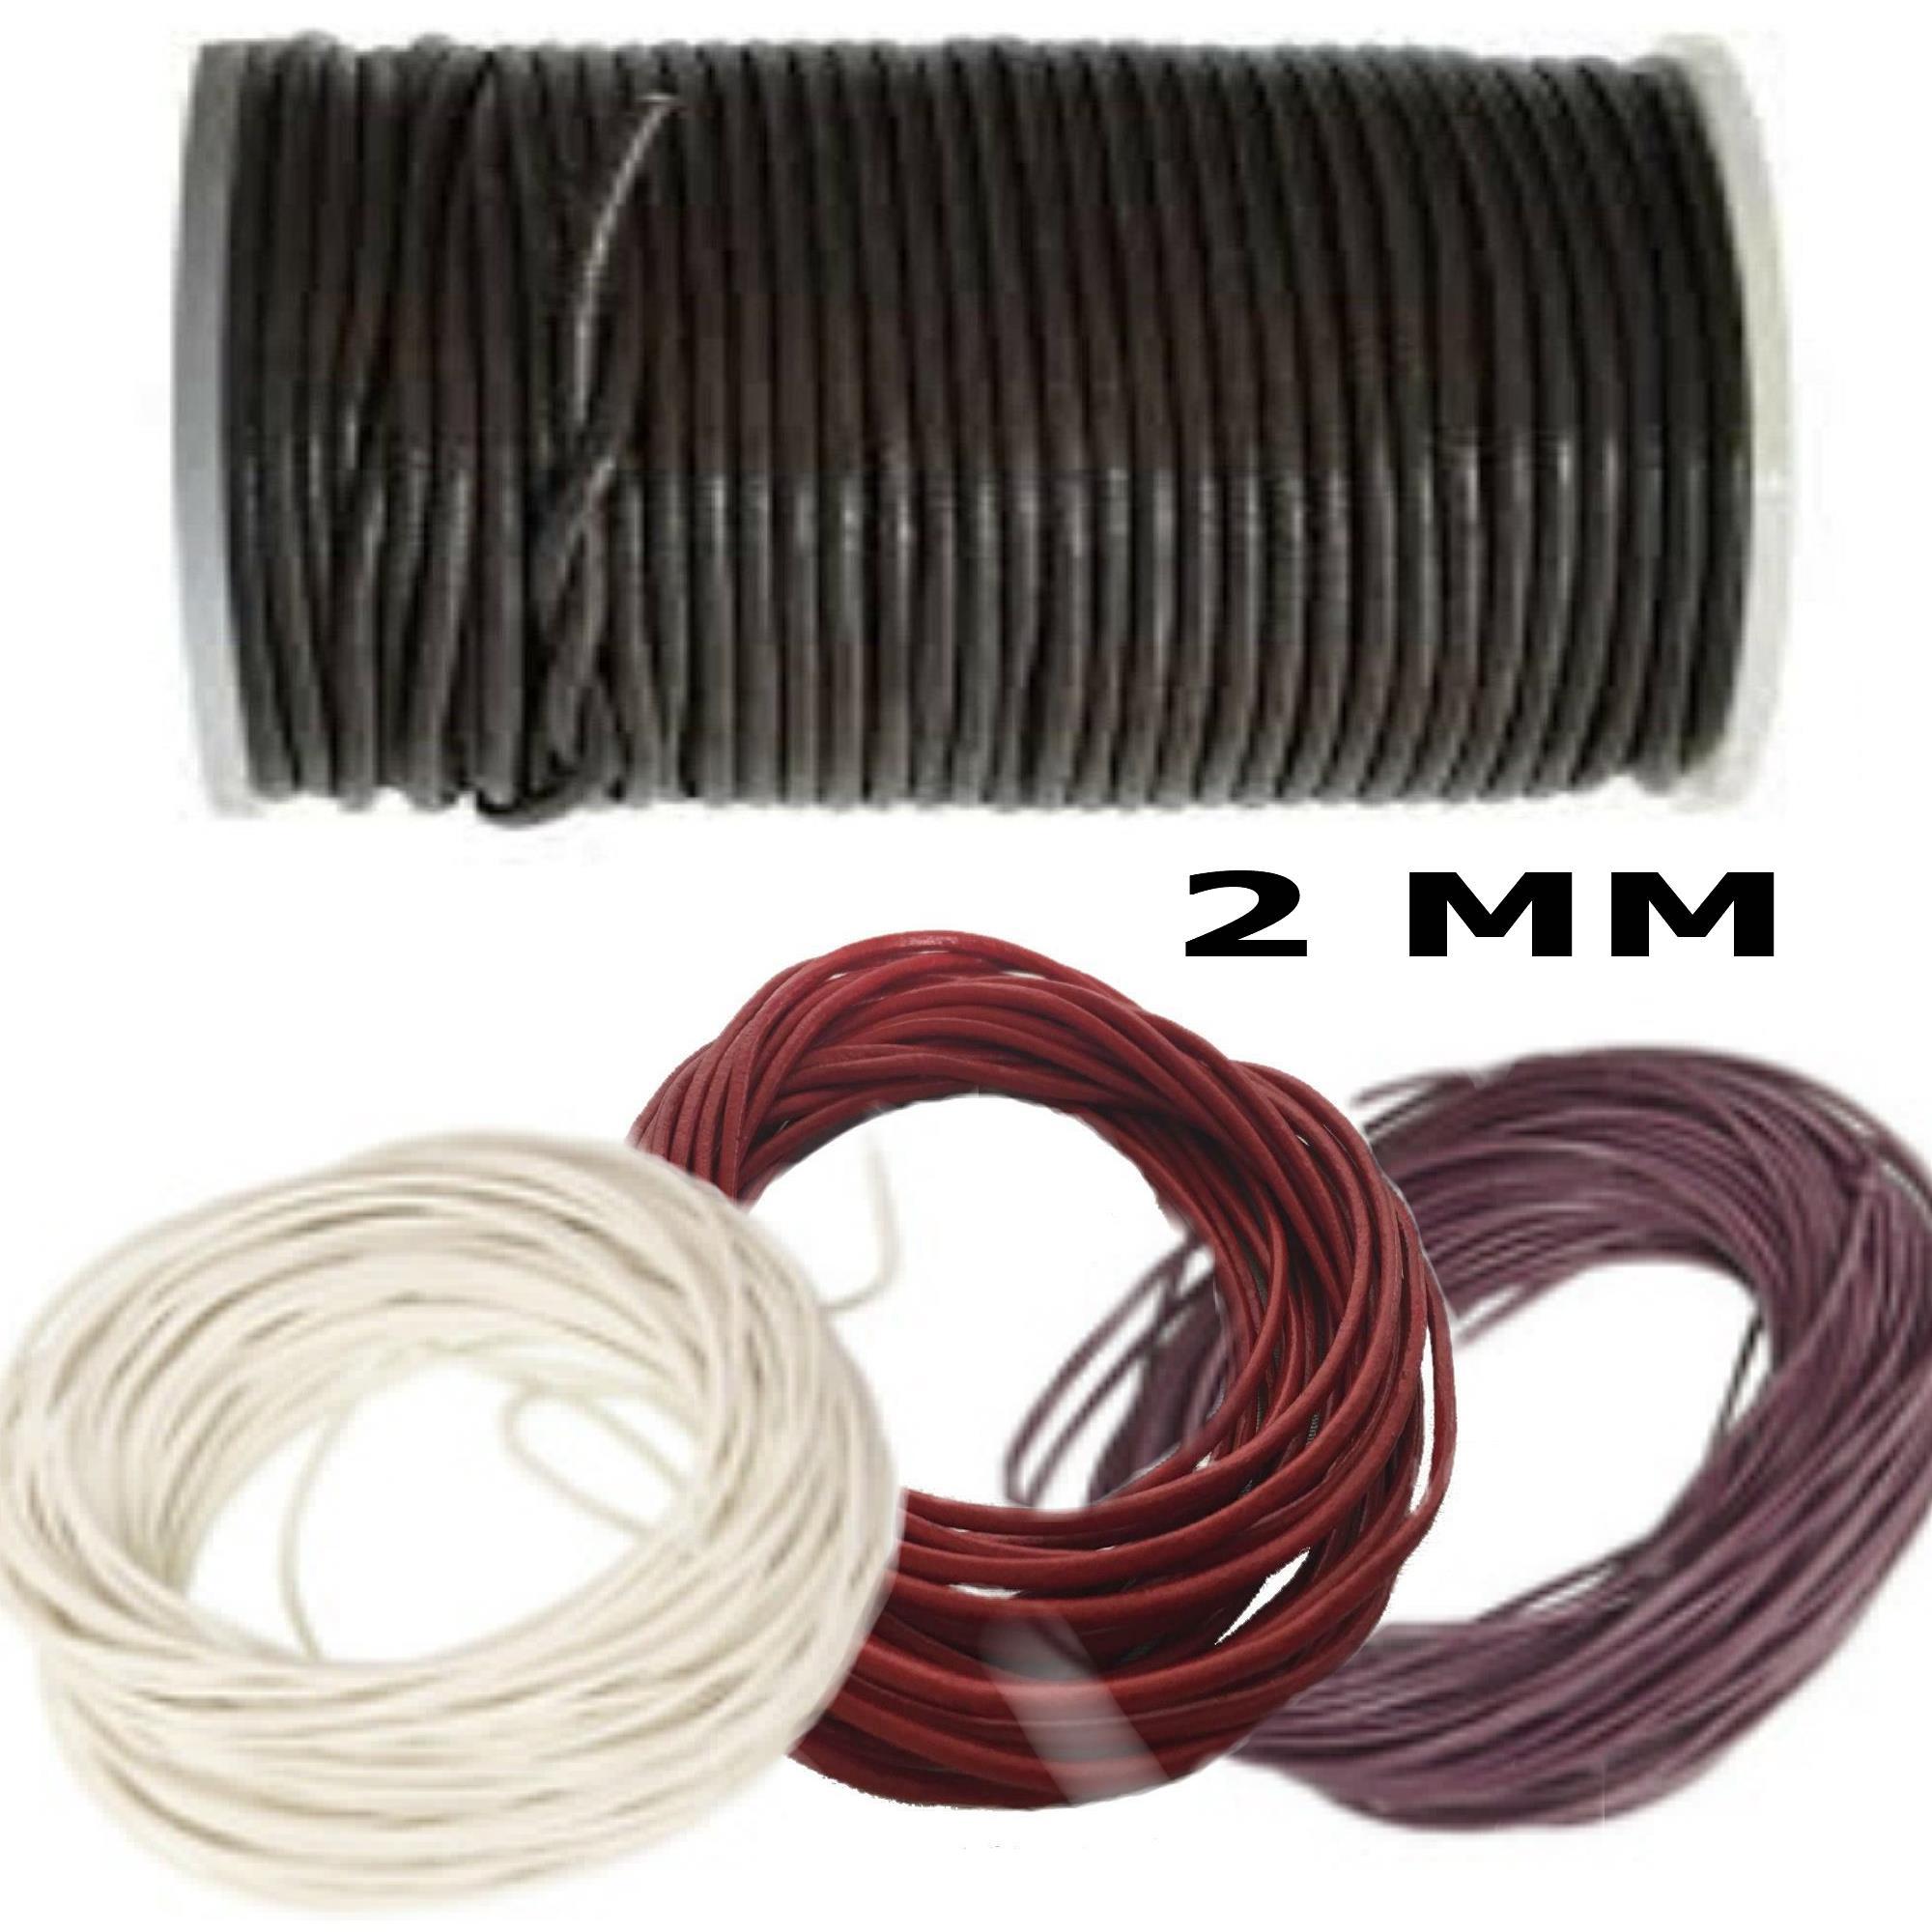 5 10 mt Filo Cotone Cordino Elastico 2mm Colore Nero Rosso Azzurro Bigiotteria